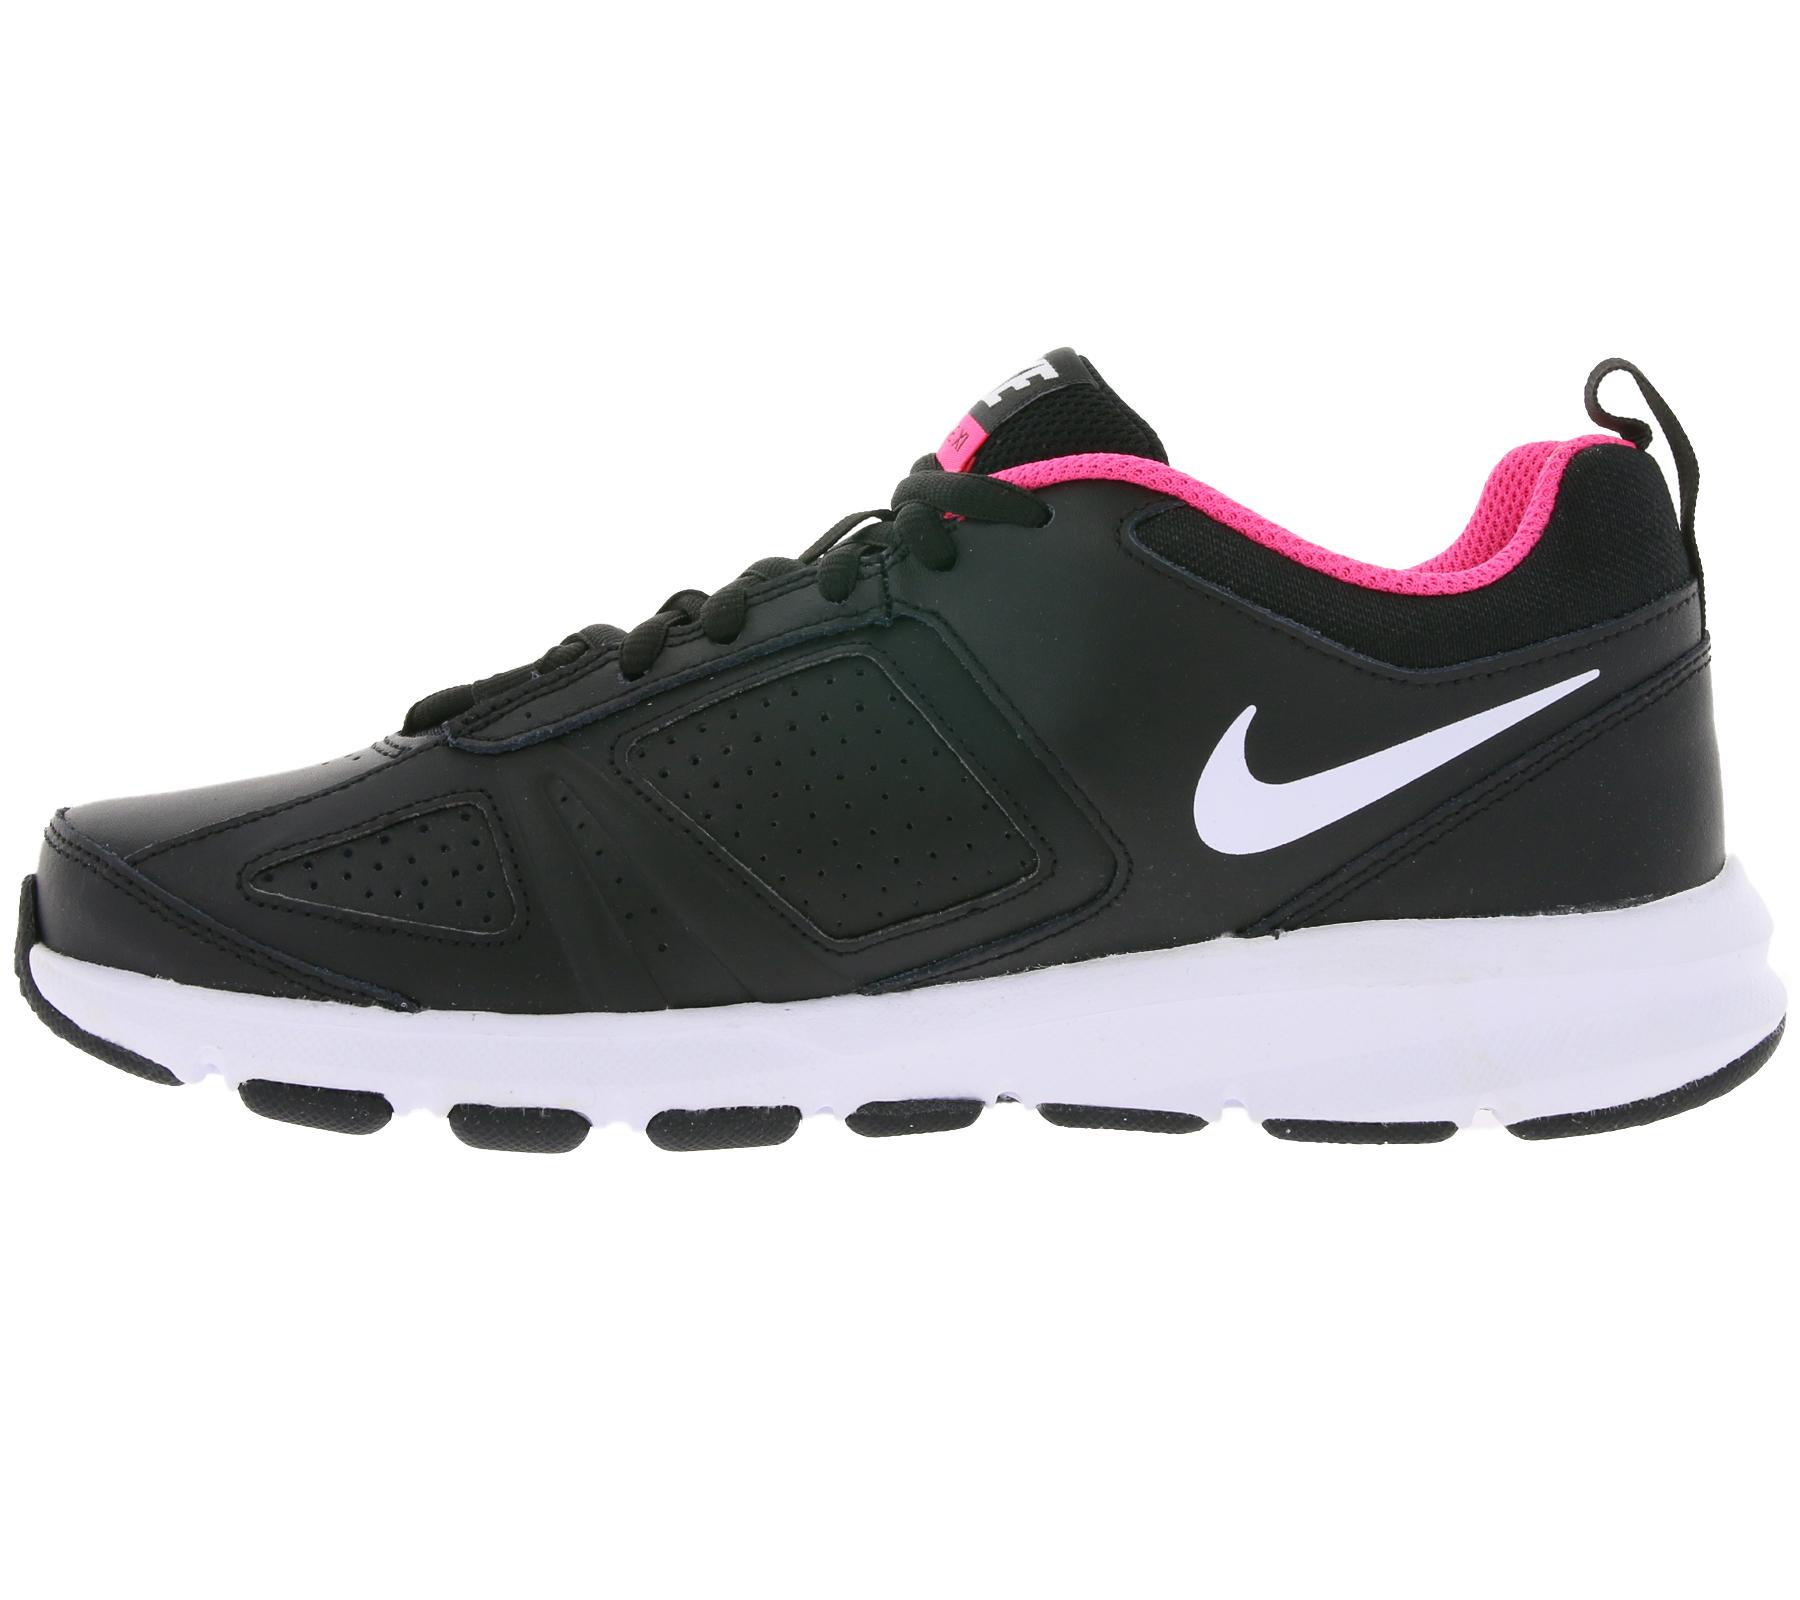 NIKE Schuhe klassische Damen Sportschuhe T Lite XI Schwarz